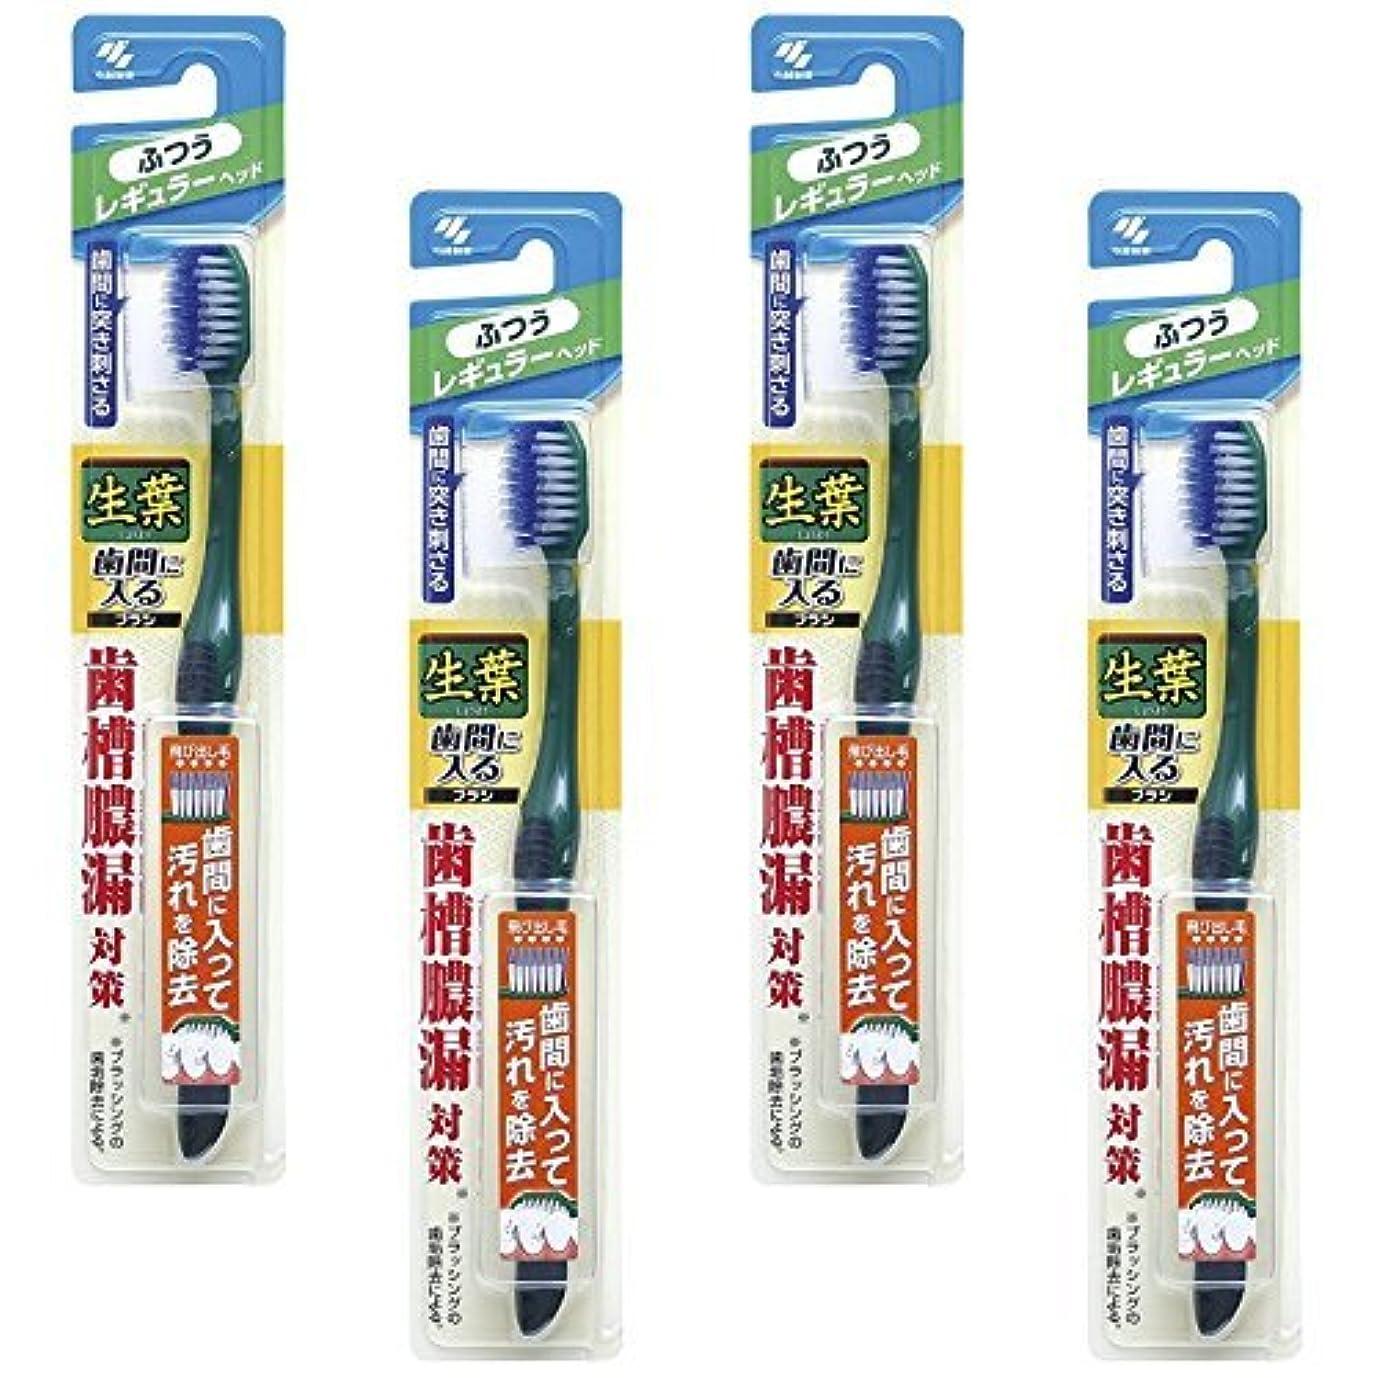 合法ディレクトリ教育学【まとめ買い】生葉(しょうよう)歯間に入るブラシ 歯ブラシ レギュラー ふつう ×4個